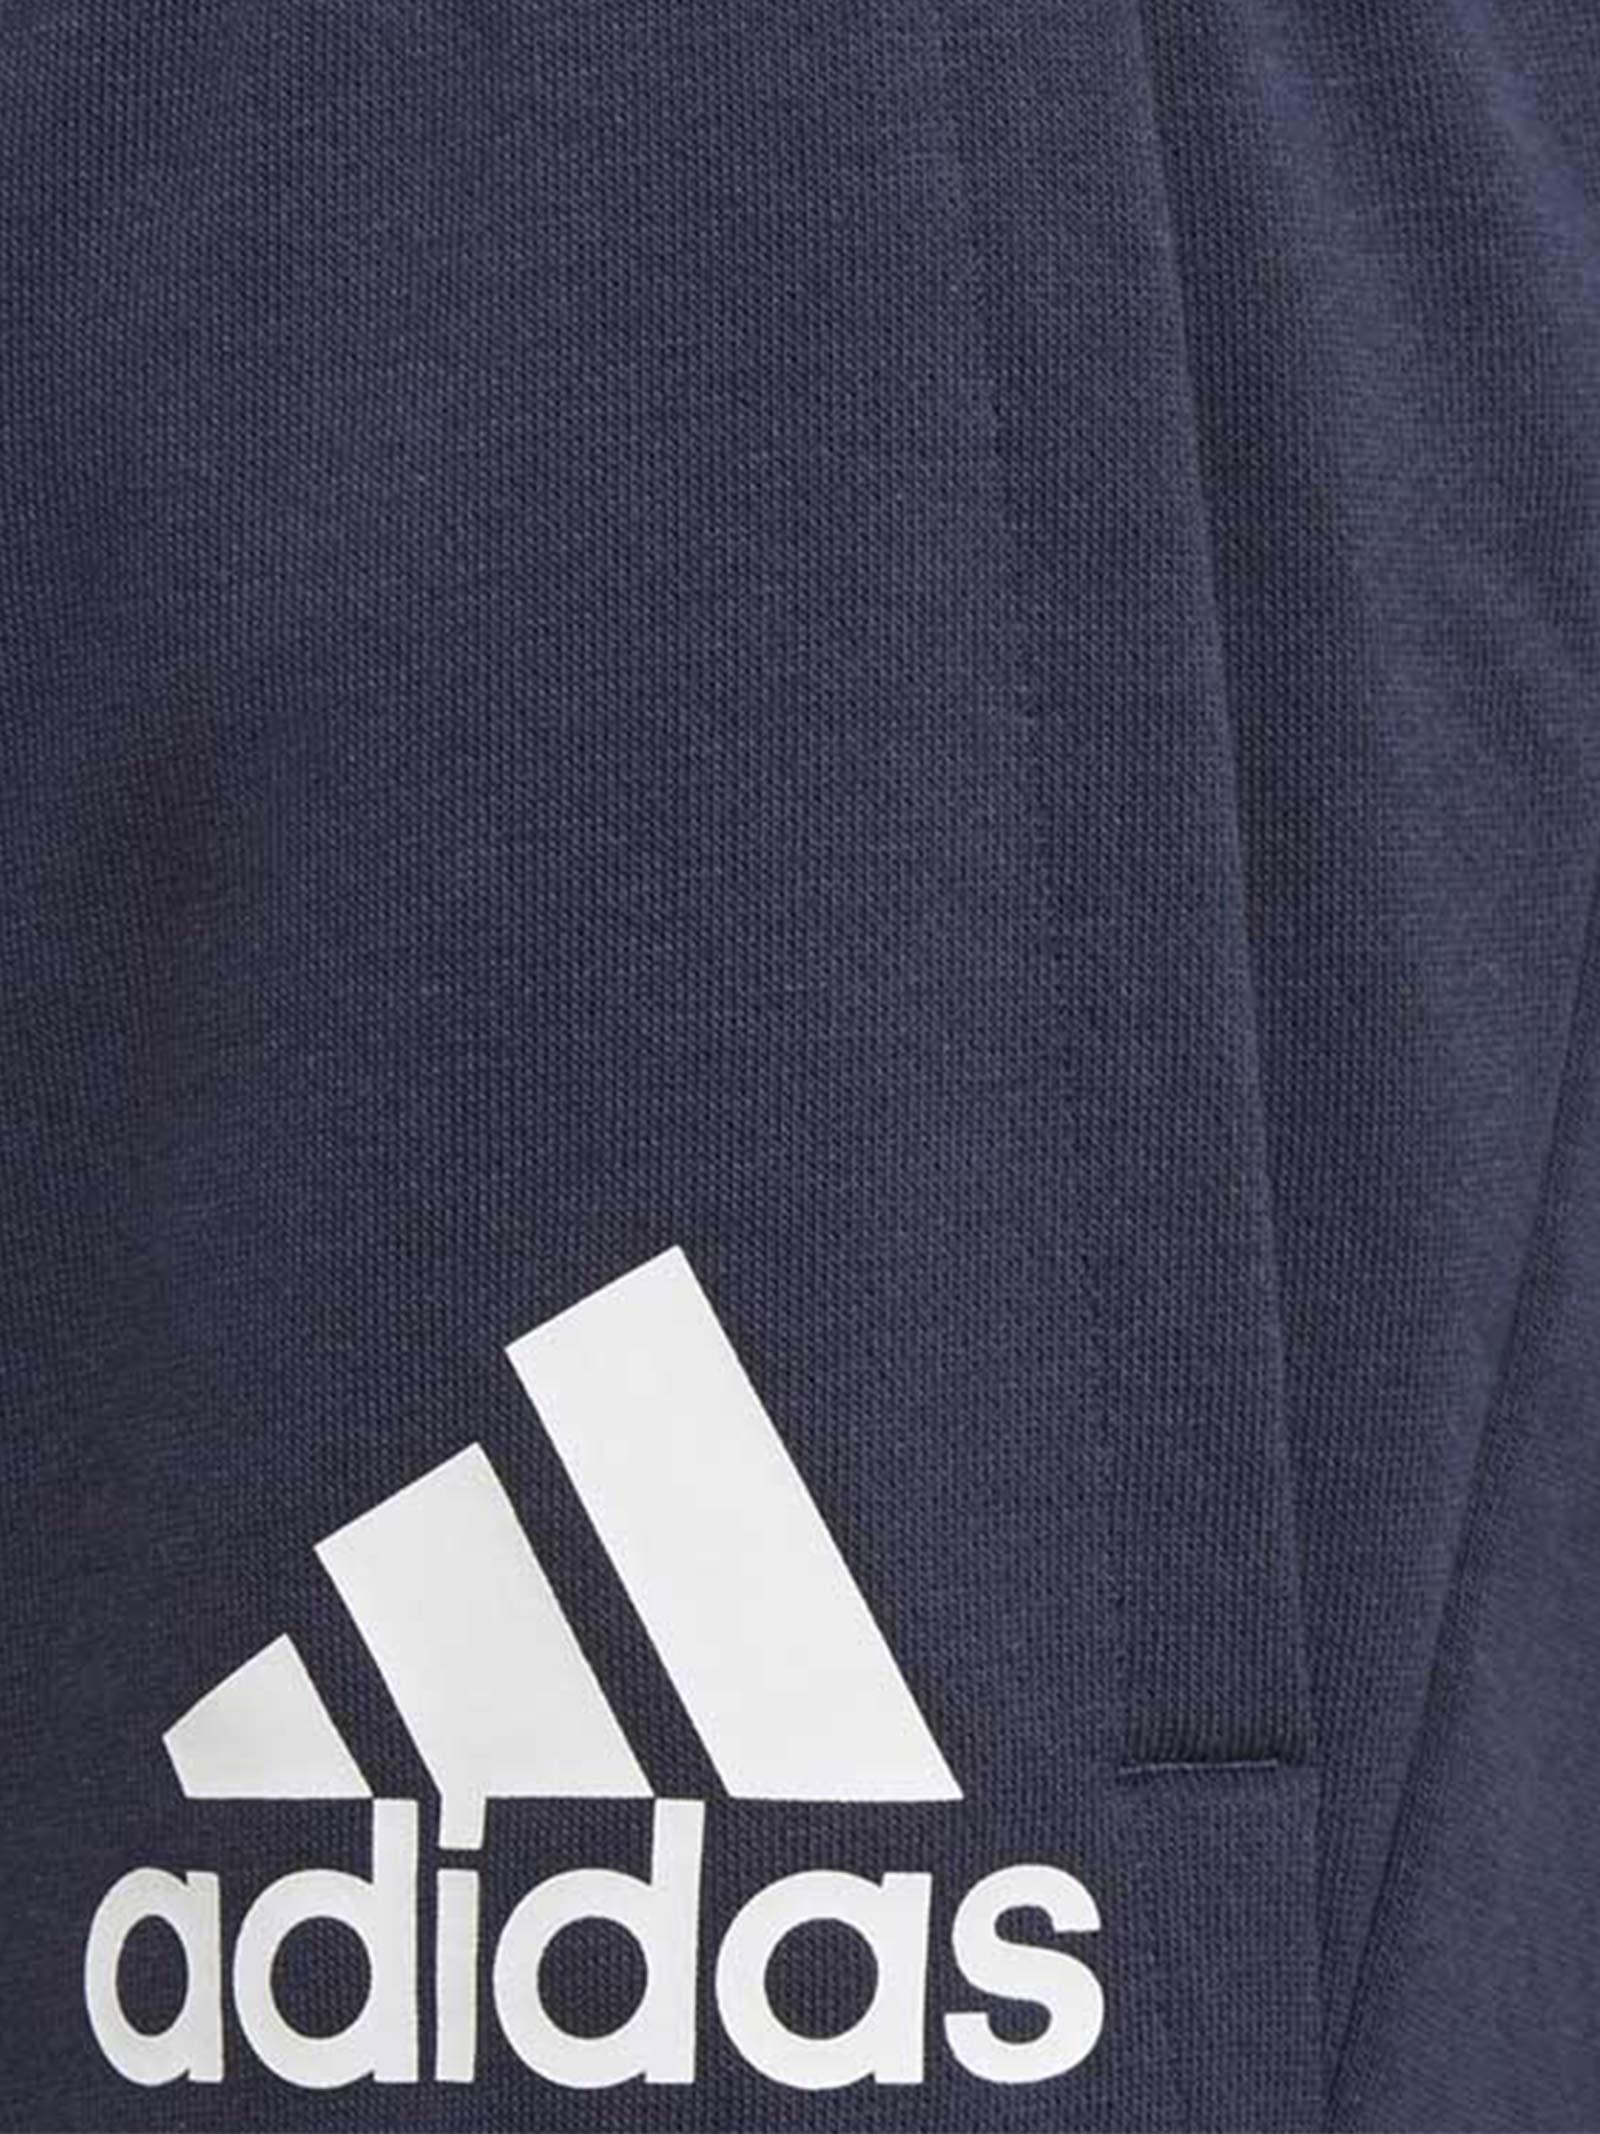 adidas | 6969BLUE